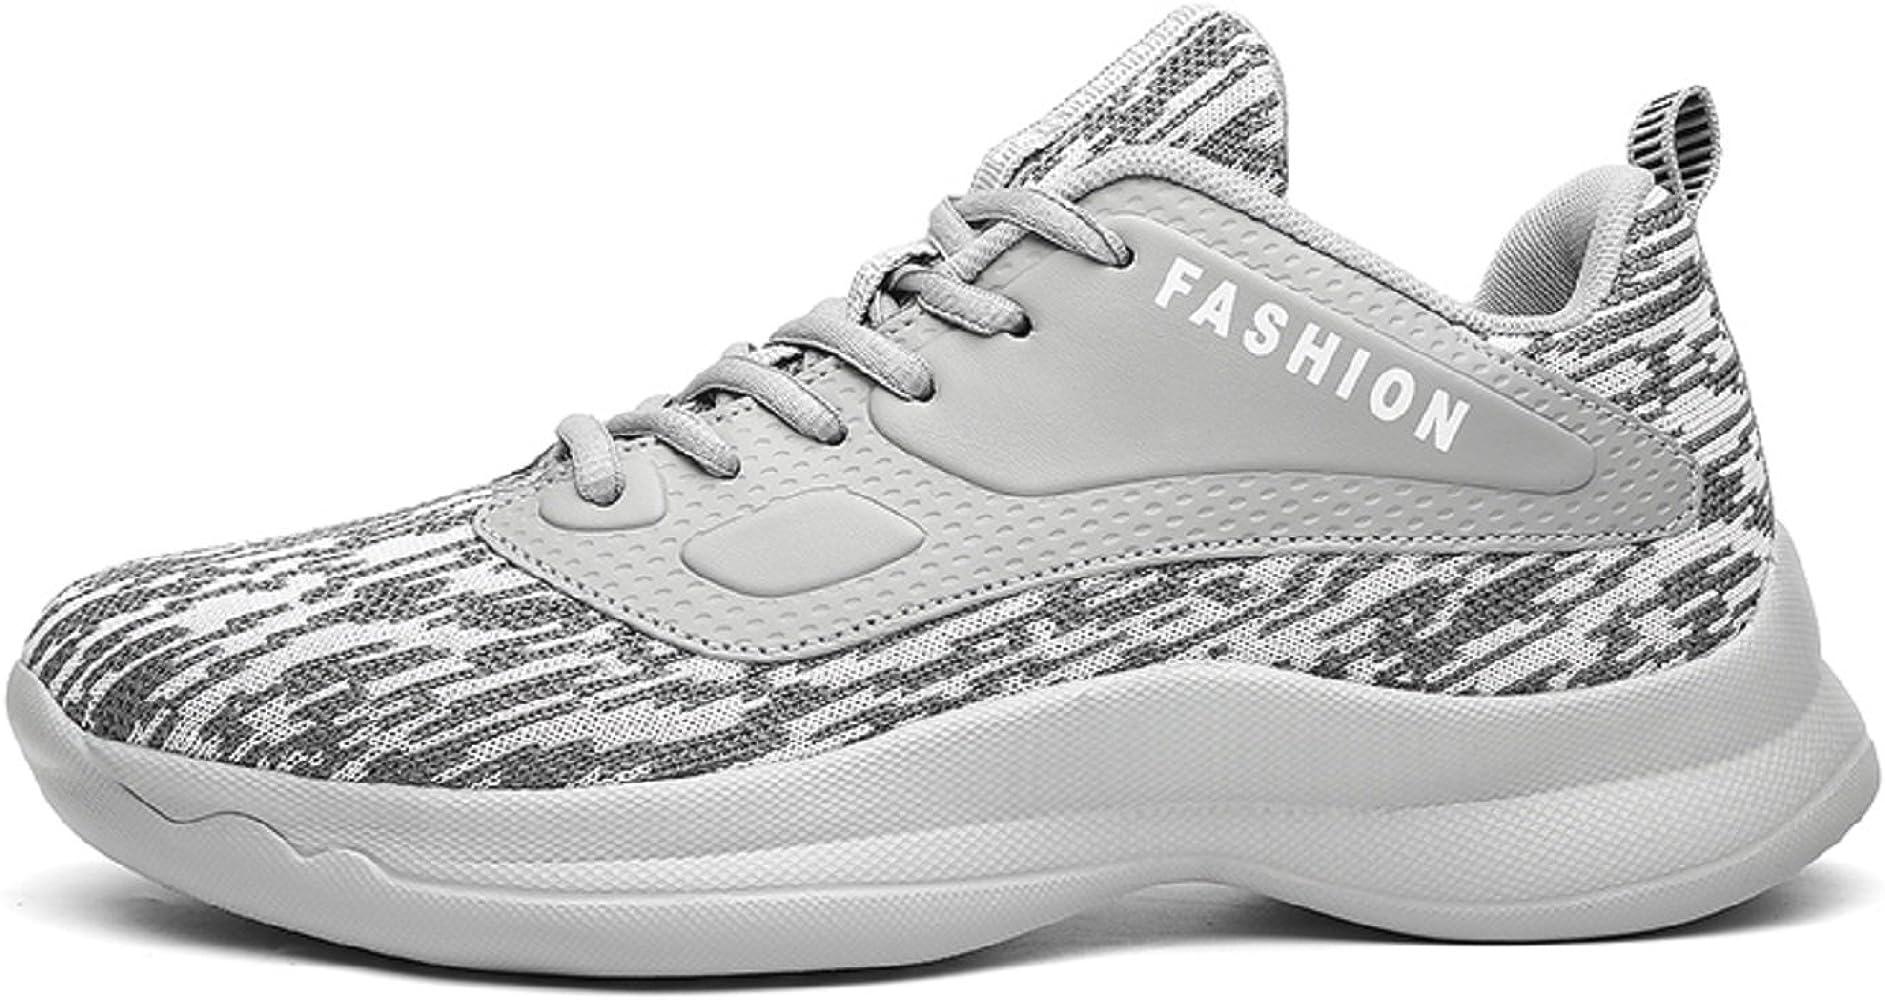 Zapatillas Running Hombre Sneakers Calzado Deportivo Verano Aire ...